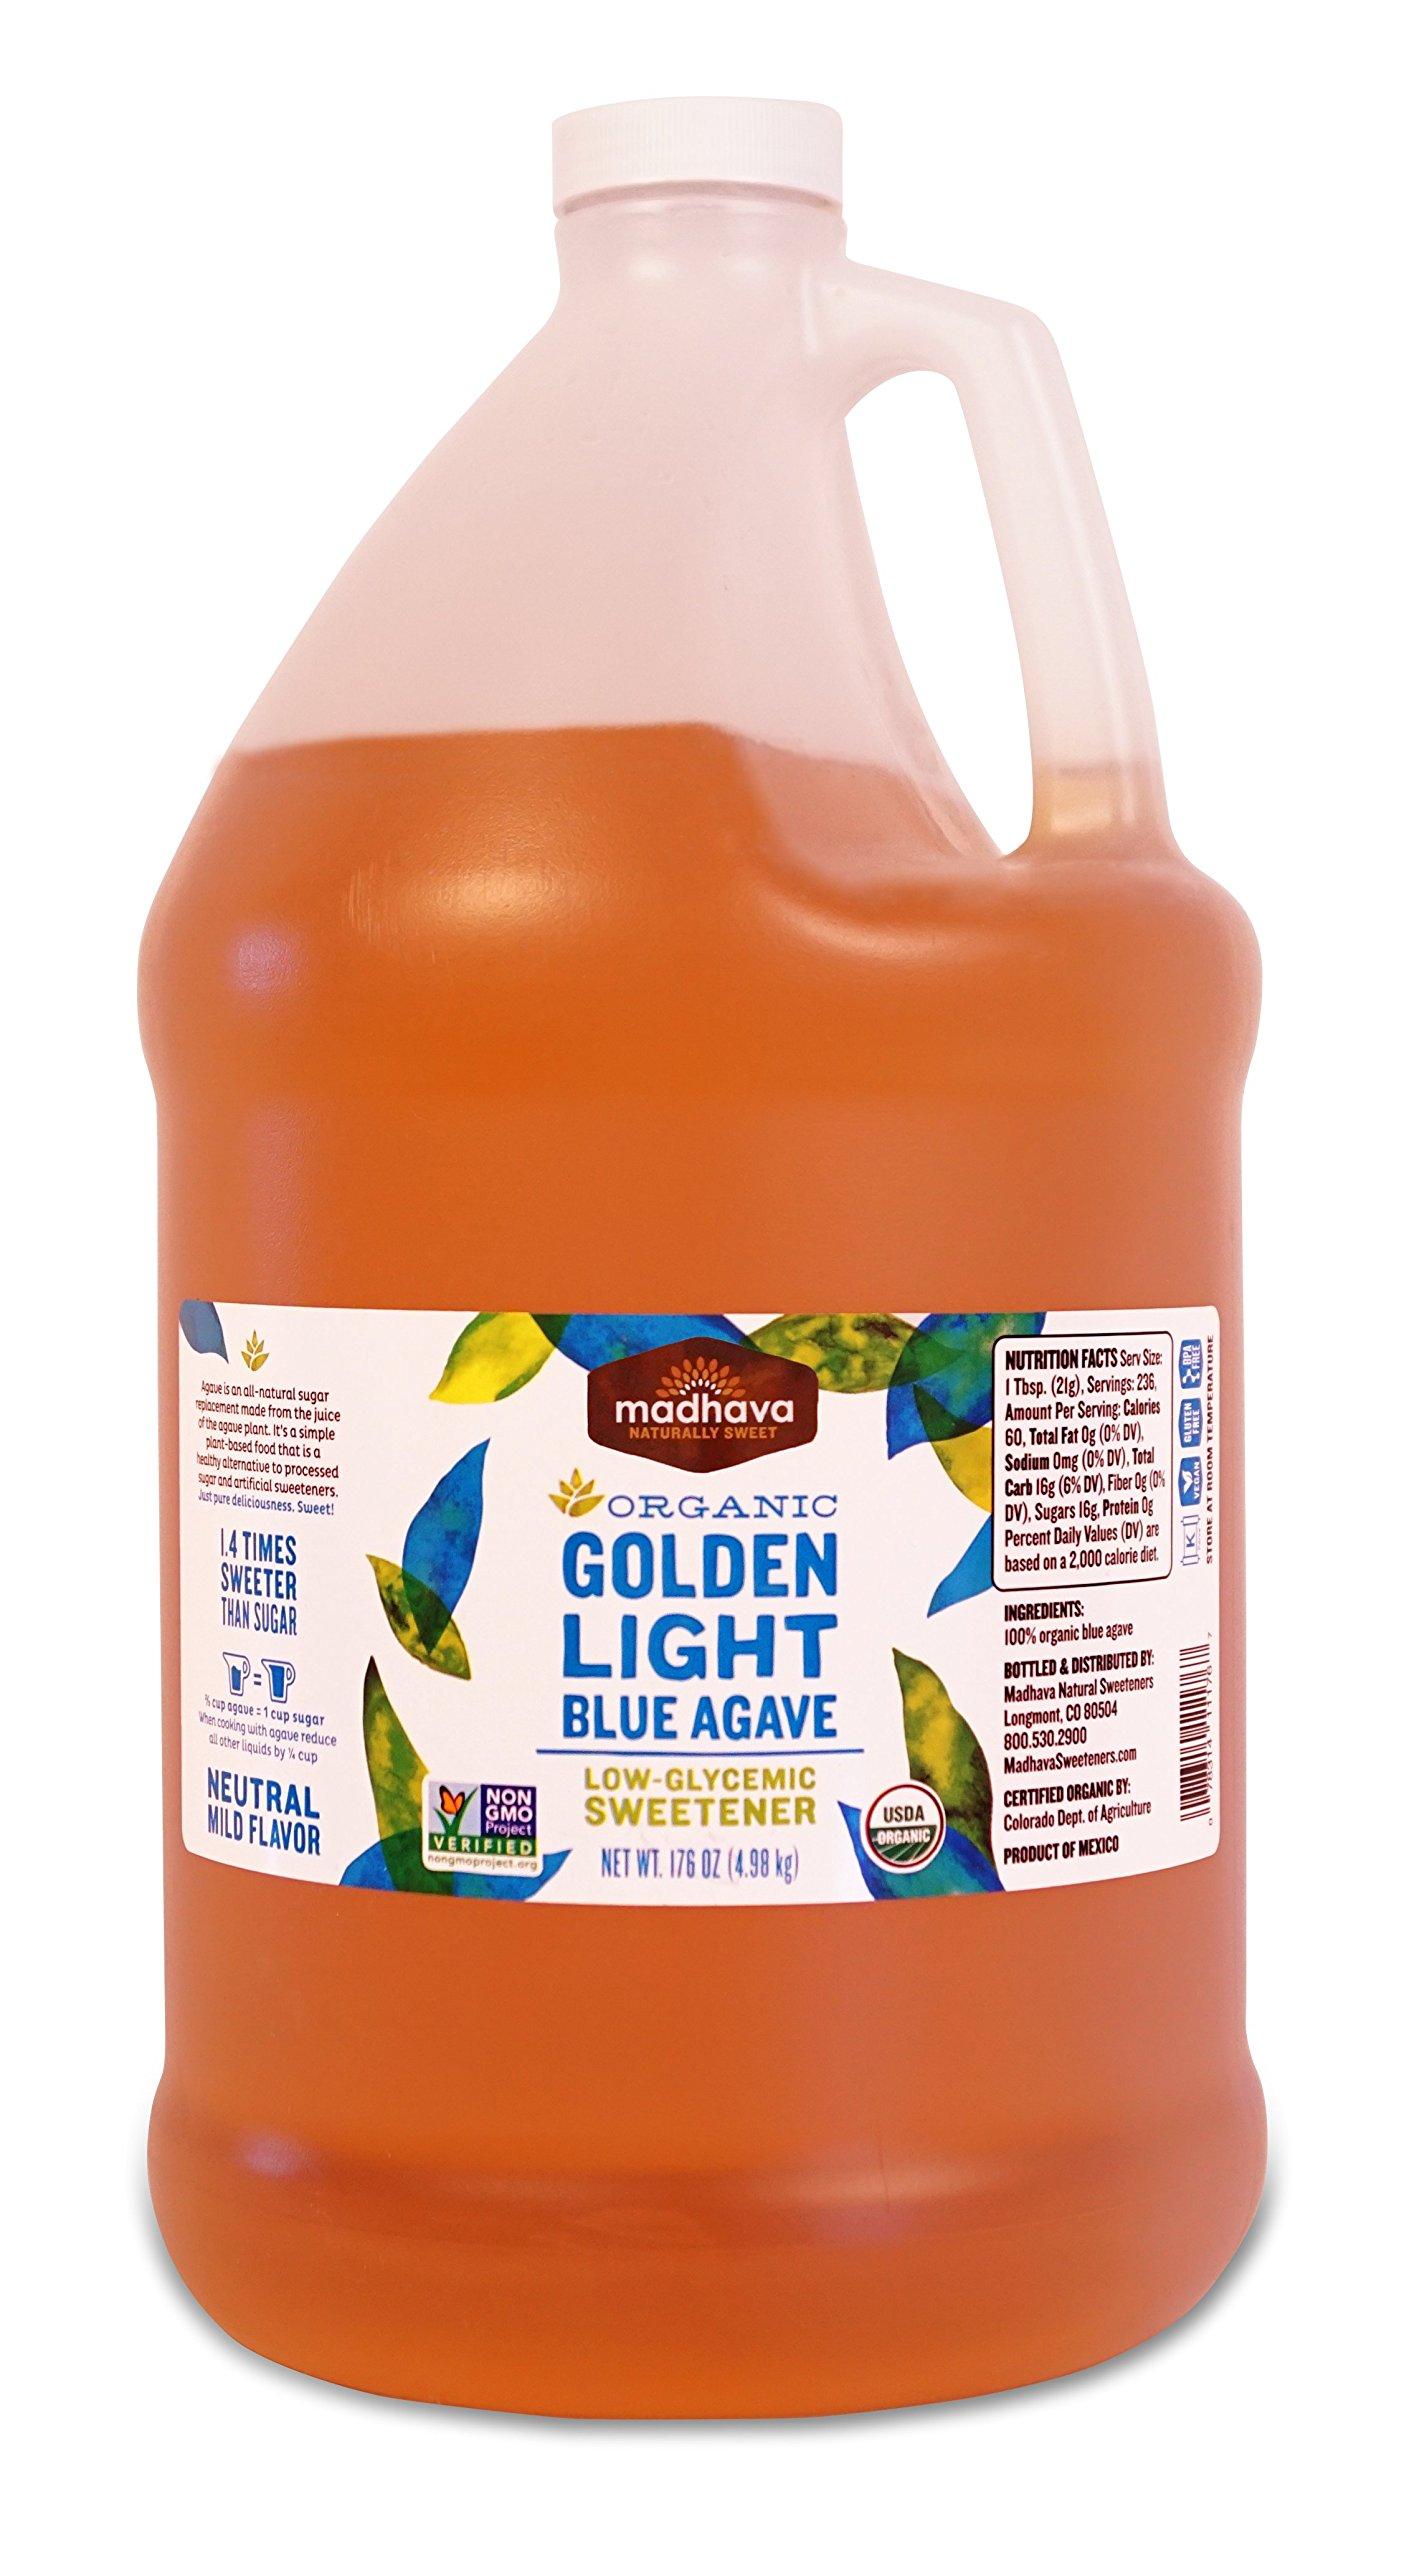 Madhava Honey Ltd Agave Nectar, Og, Light, 176-Ounce